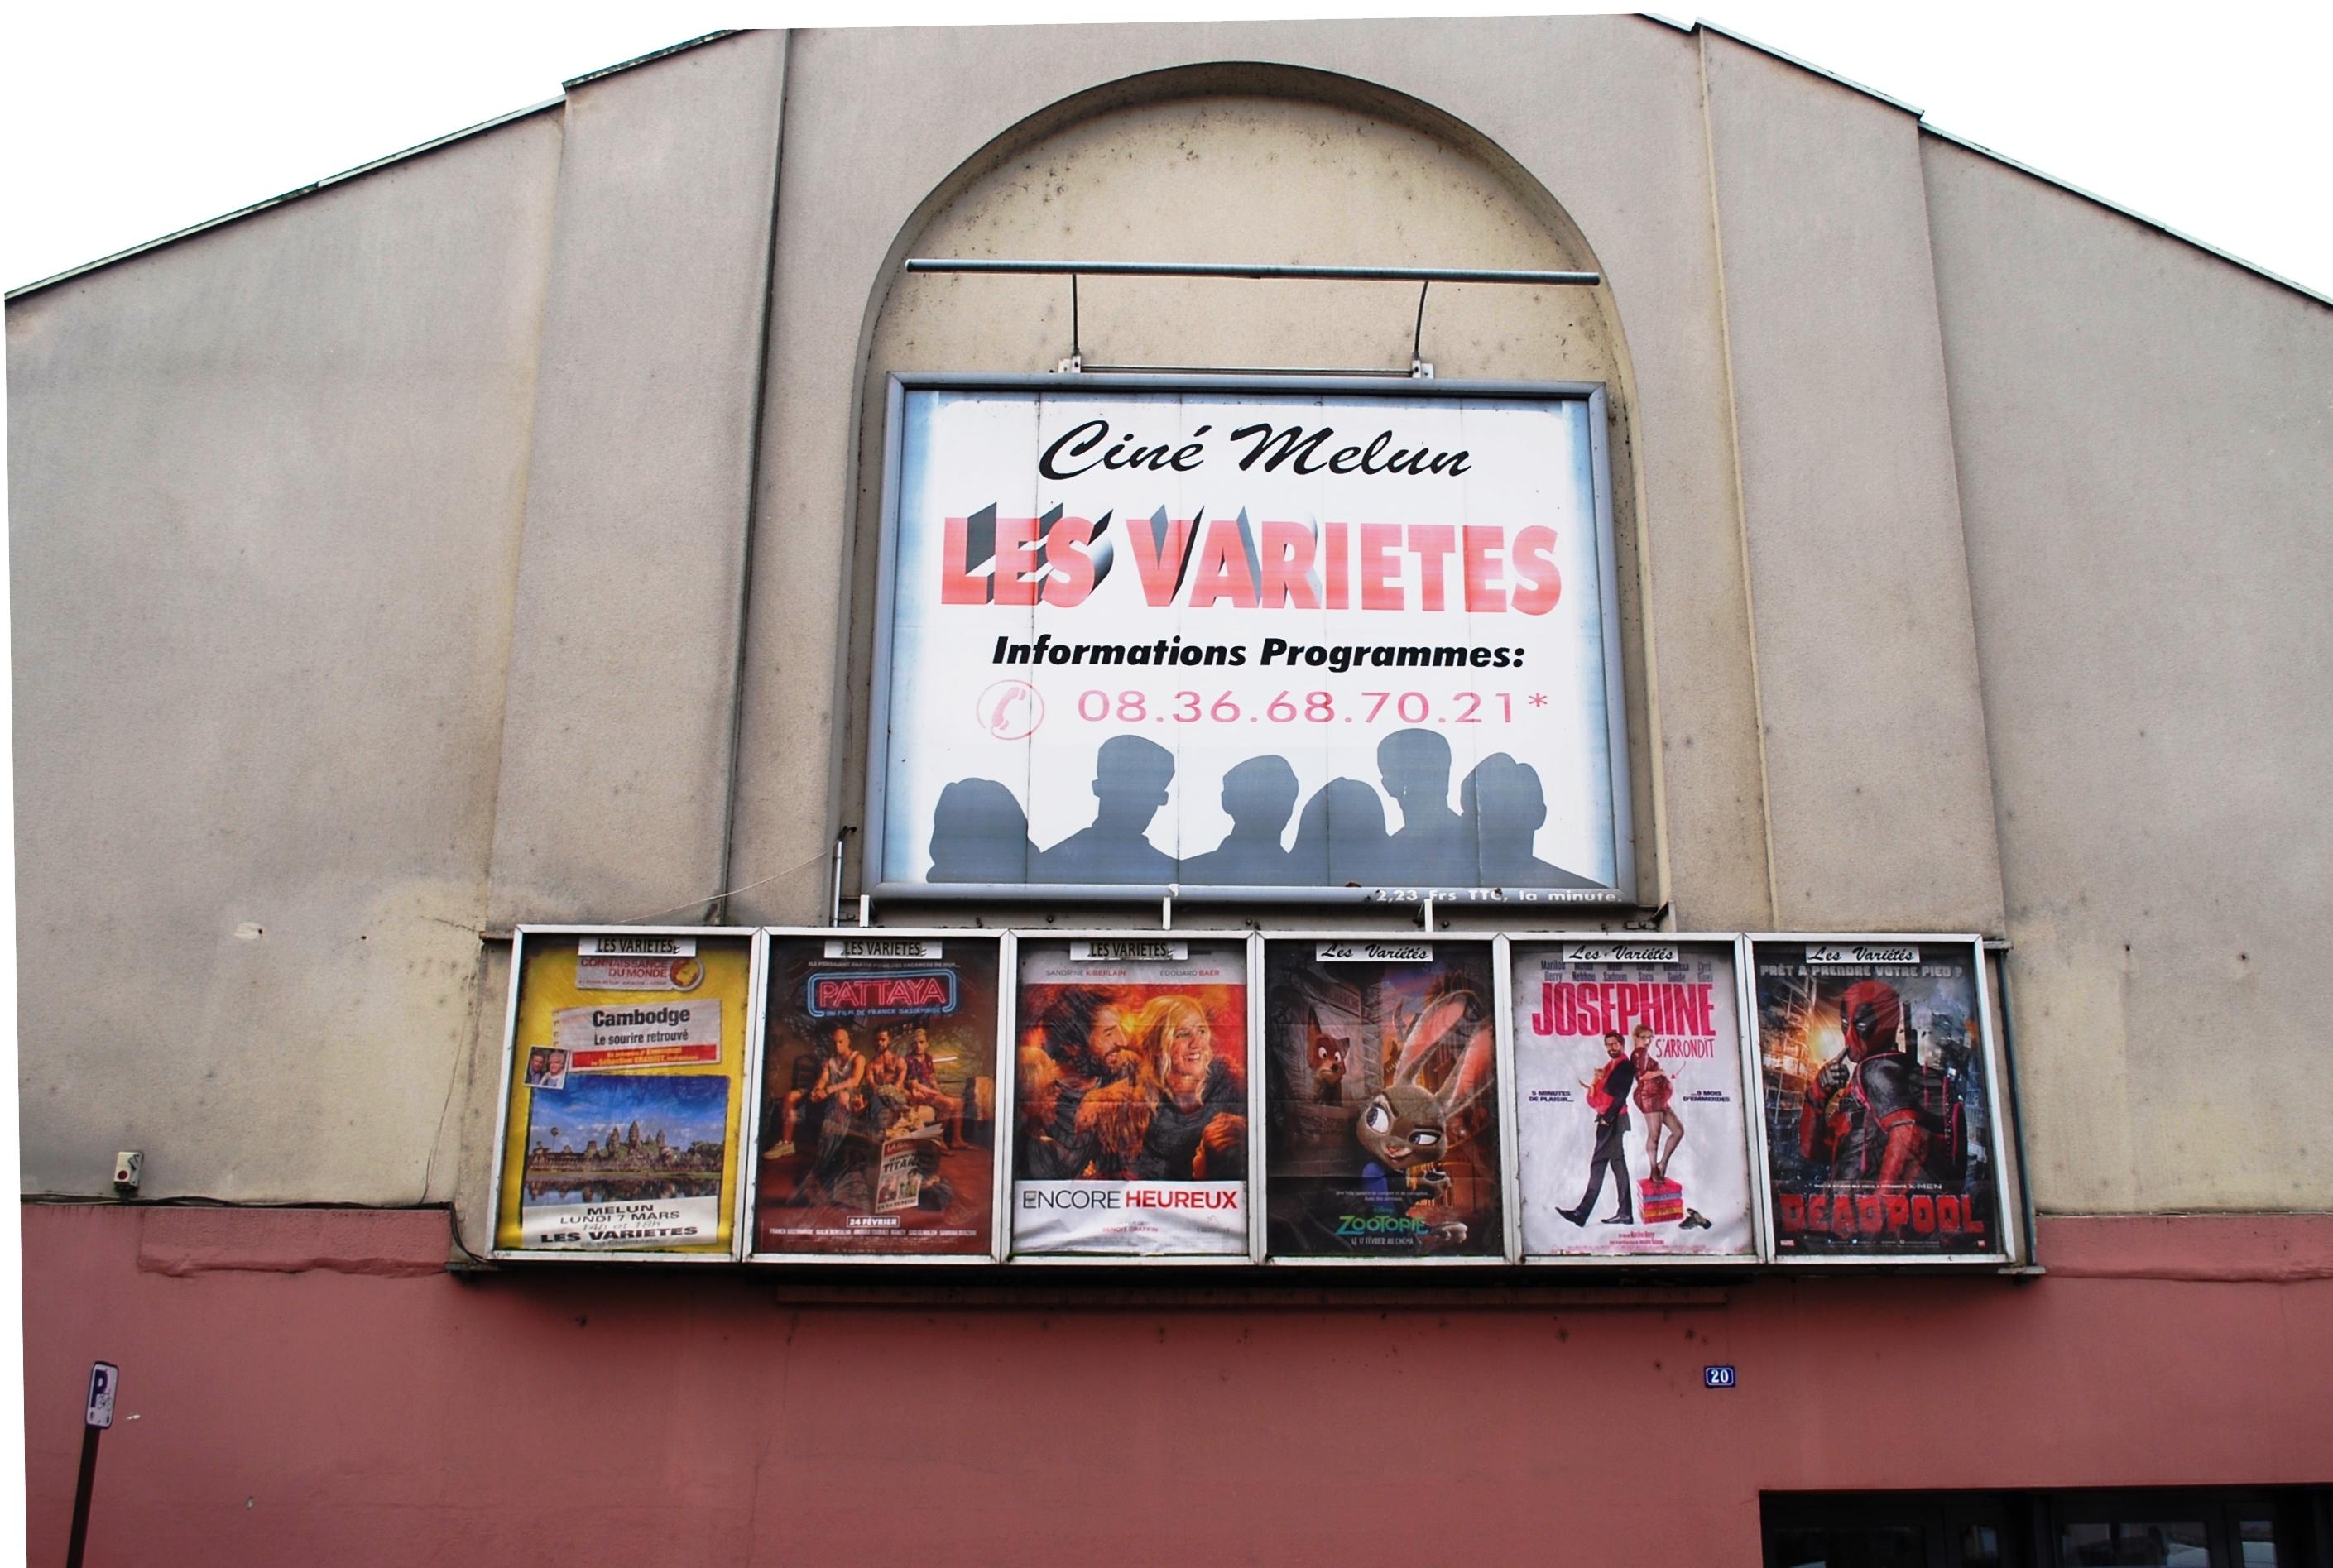 Cinéma les Variétés - © Ville de Melun